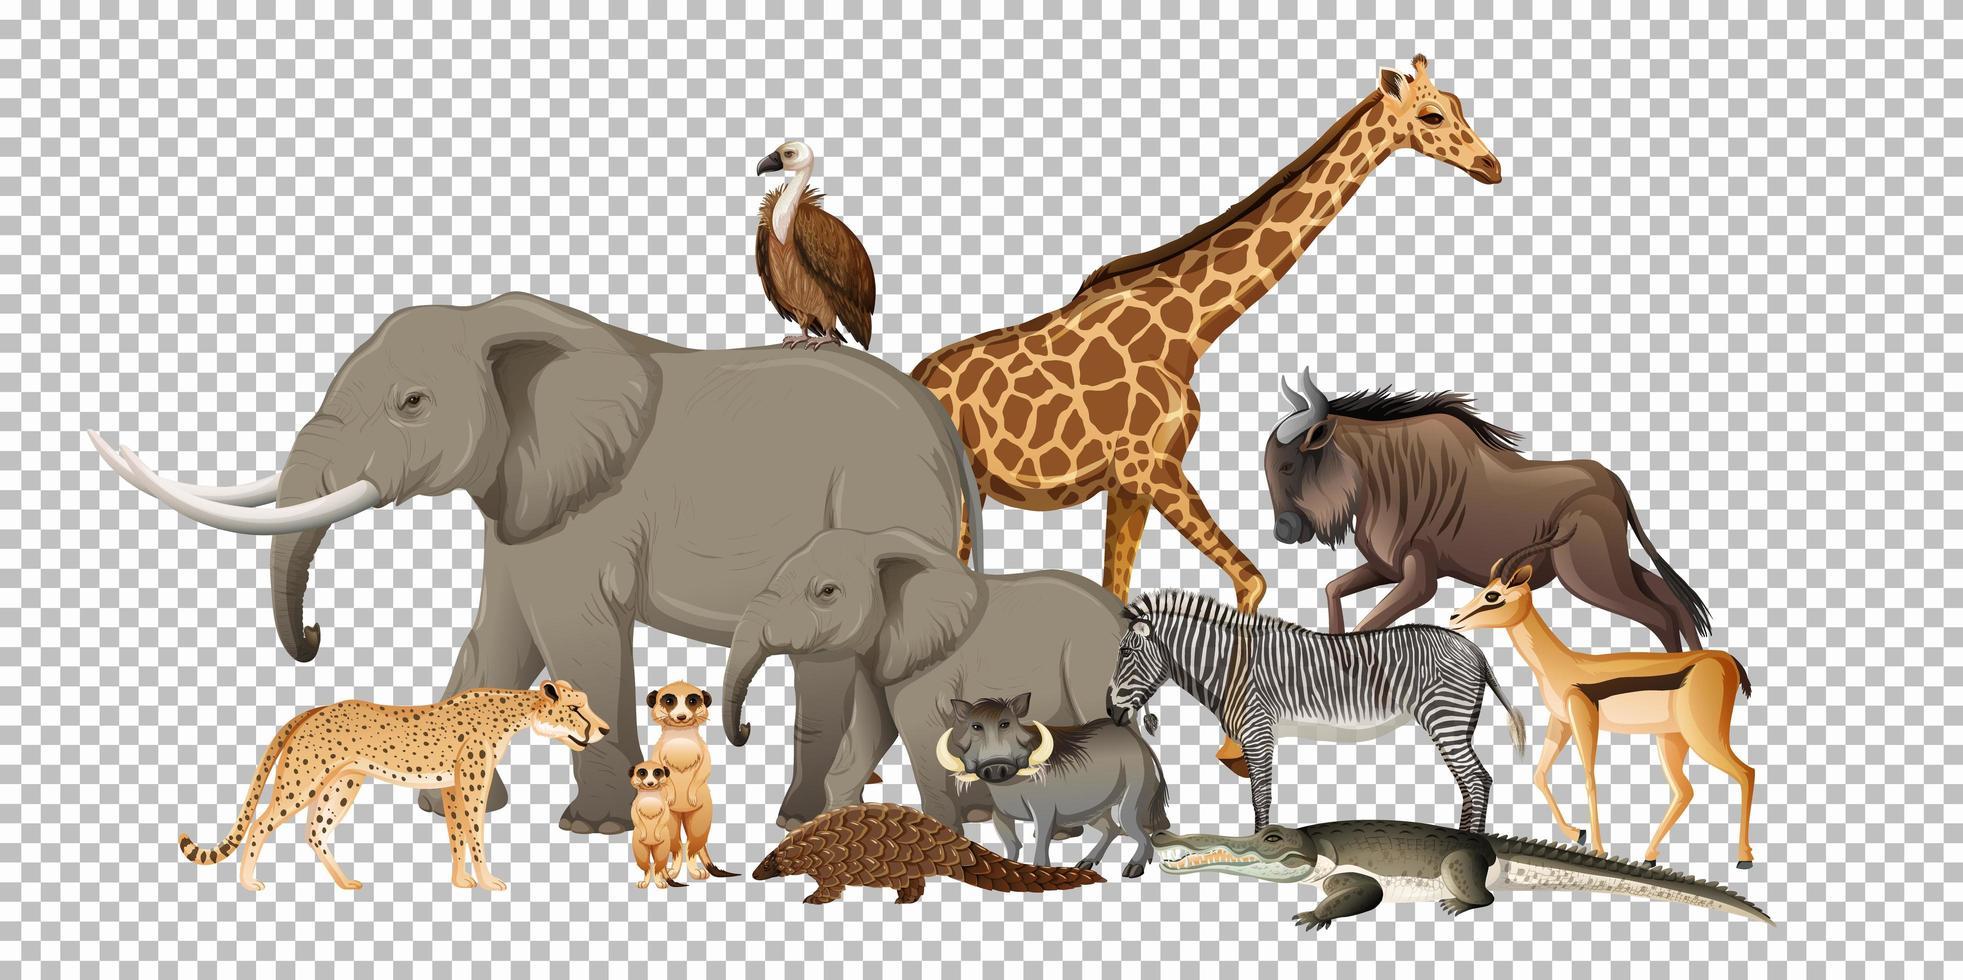 gruppo di animali selvatici africani su sfondo trasparente vettore